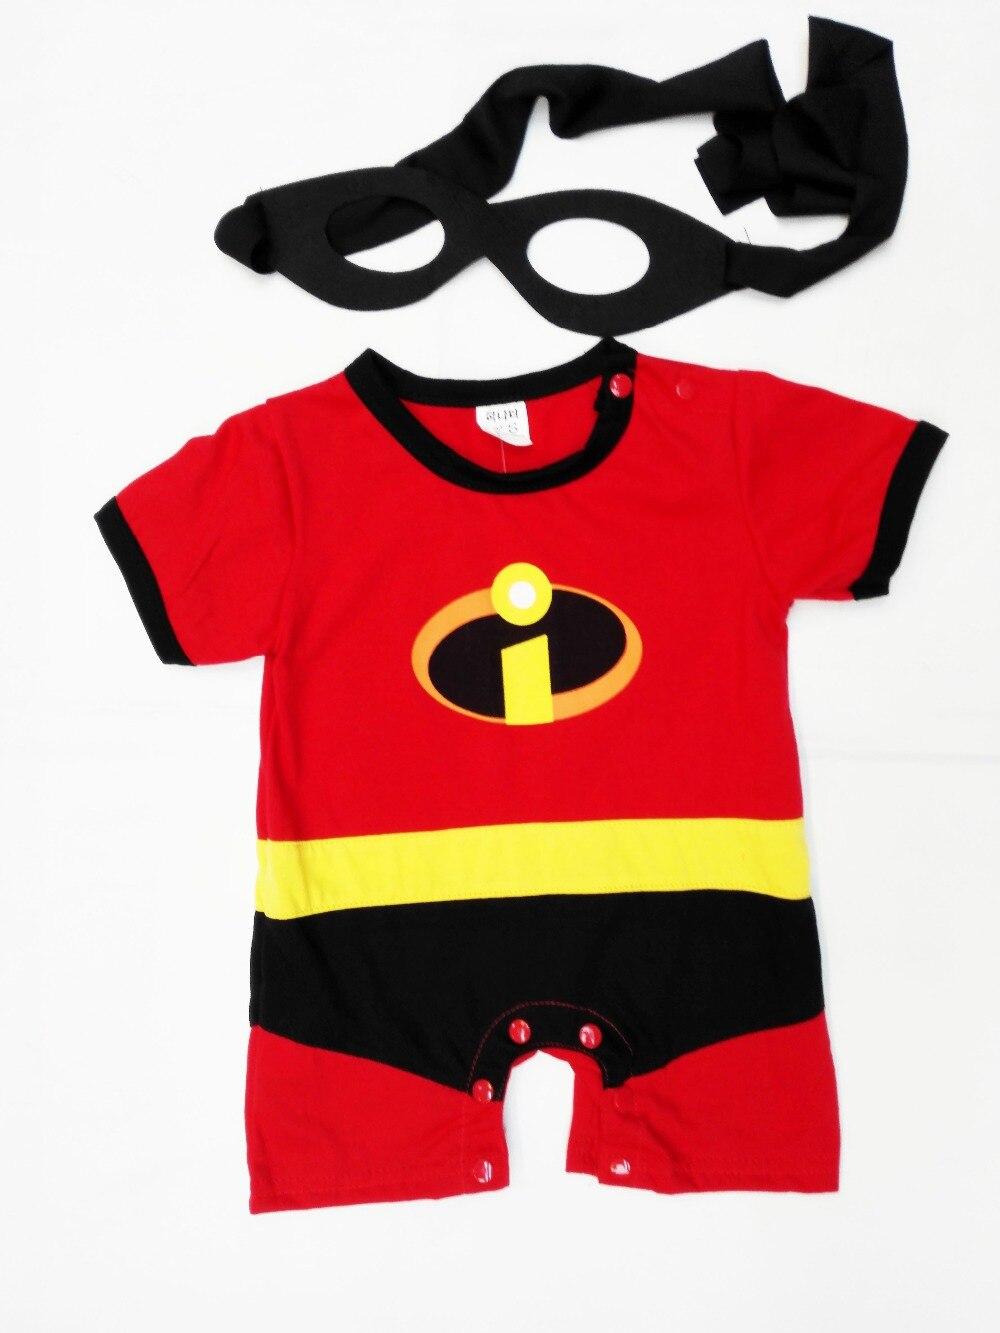 6 mesi-2 anni Del Partito Dei Bambini Fumetto Marvel Cattivissimo Costume di Halloween, boy Serventi rotolo gioco di abbigliamento/Super-latte fa Body e Tutine